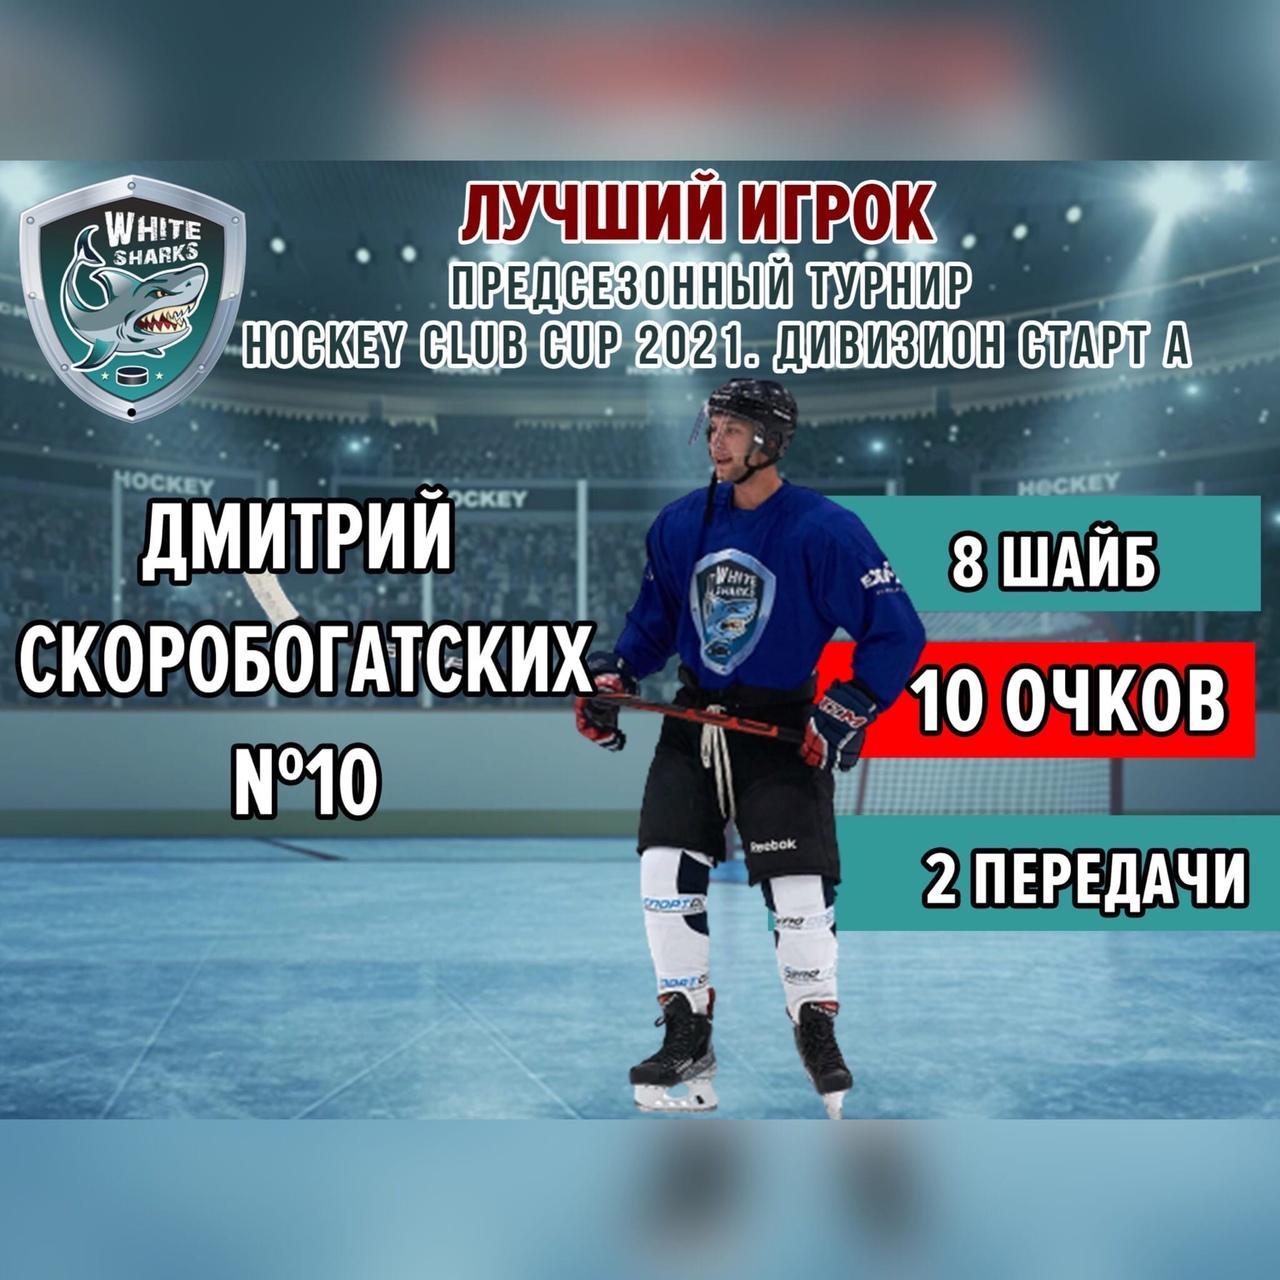 «Hockey club cup 2021» Лучшие